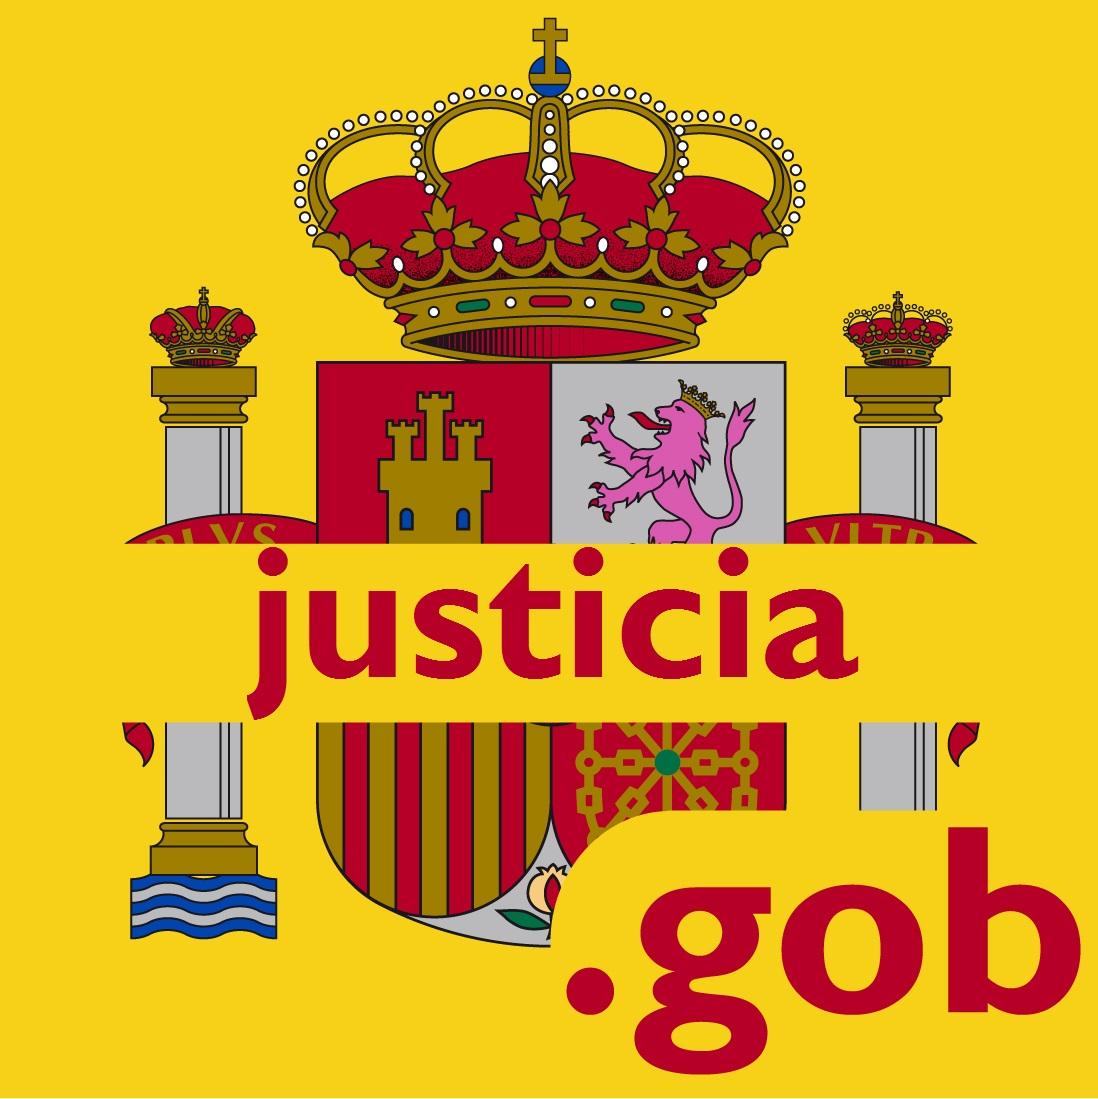 (c) Mjusticia.gob.es